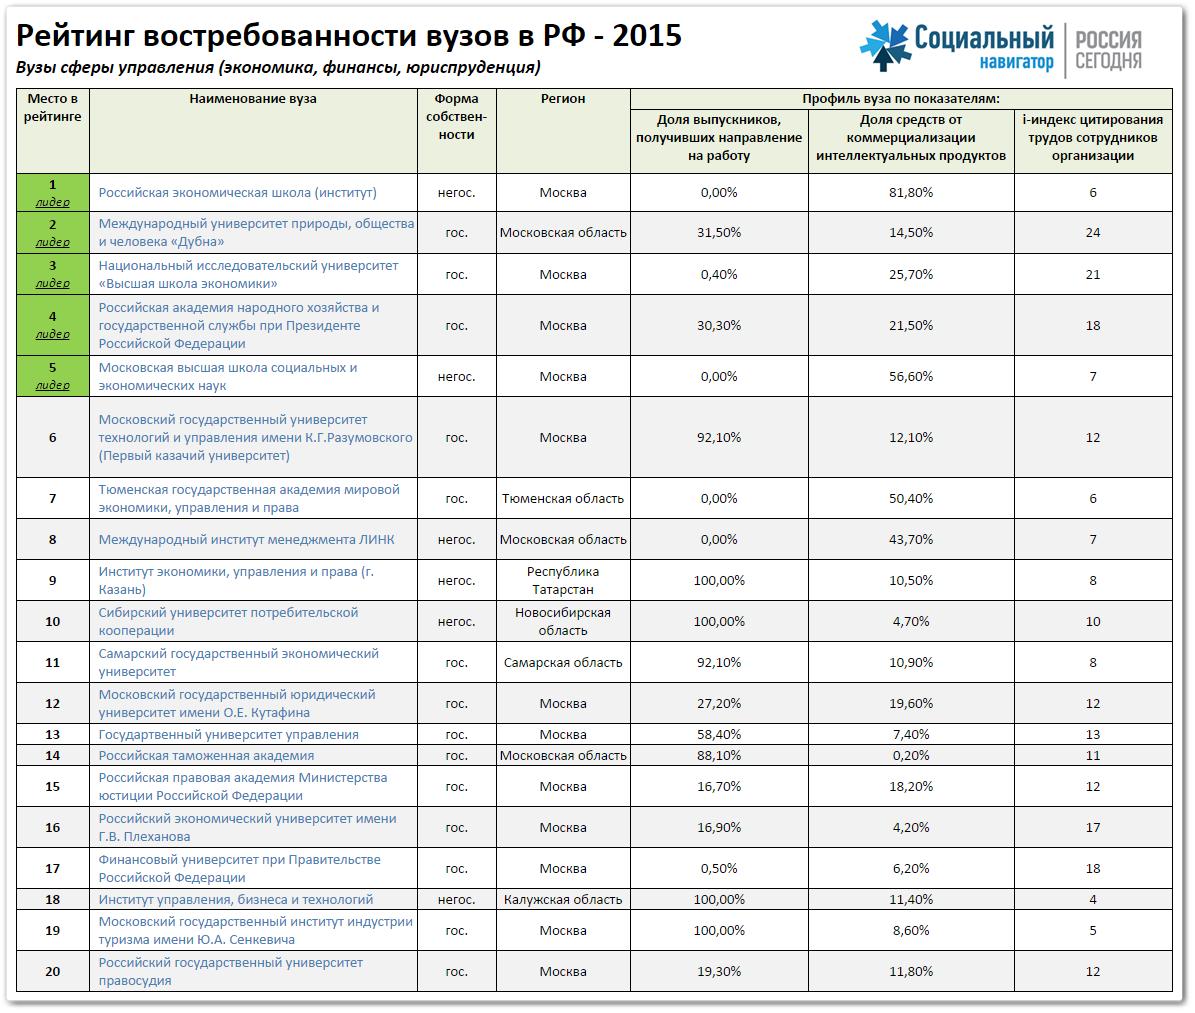 Институты москвы государственные список по специальностям